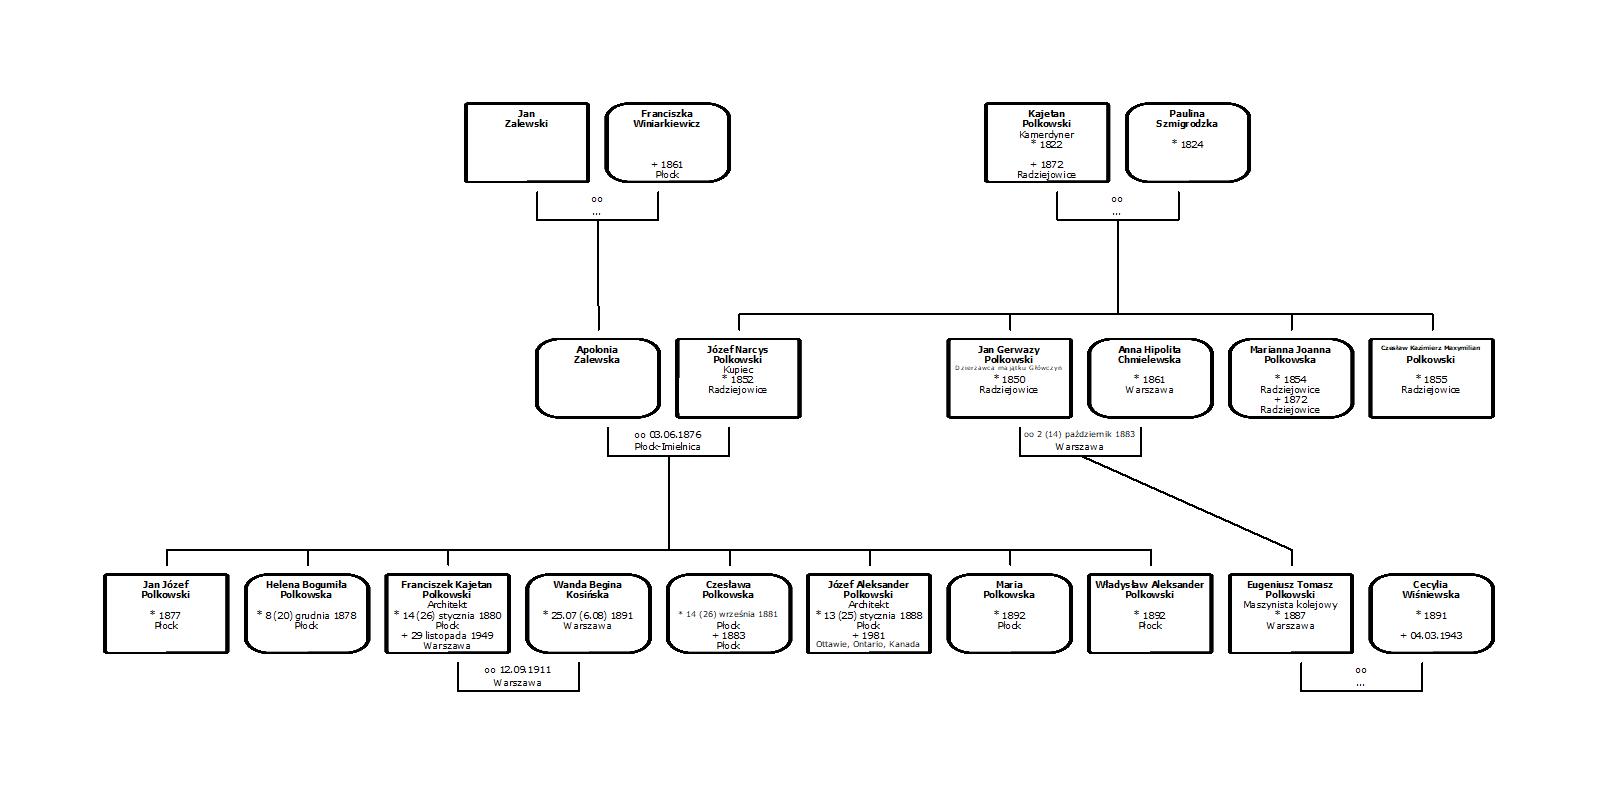 Drzewo genealogiczne rodziny Krzywda-Polkowski